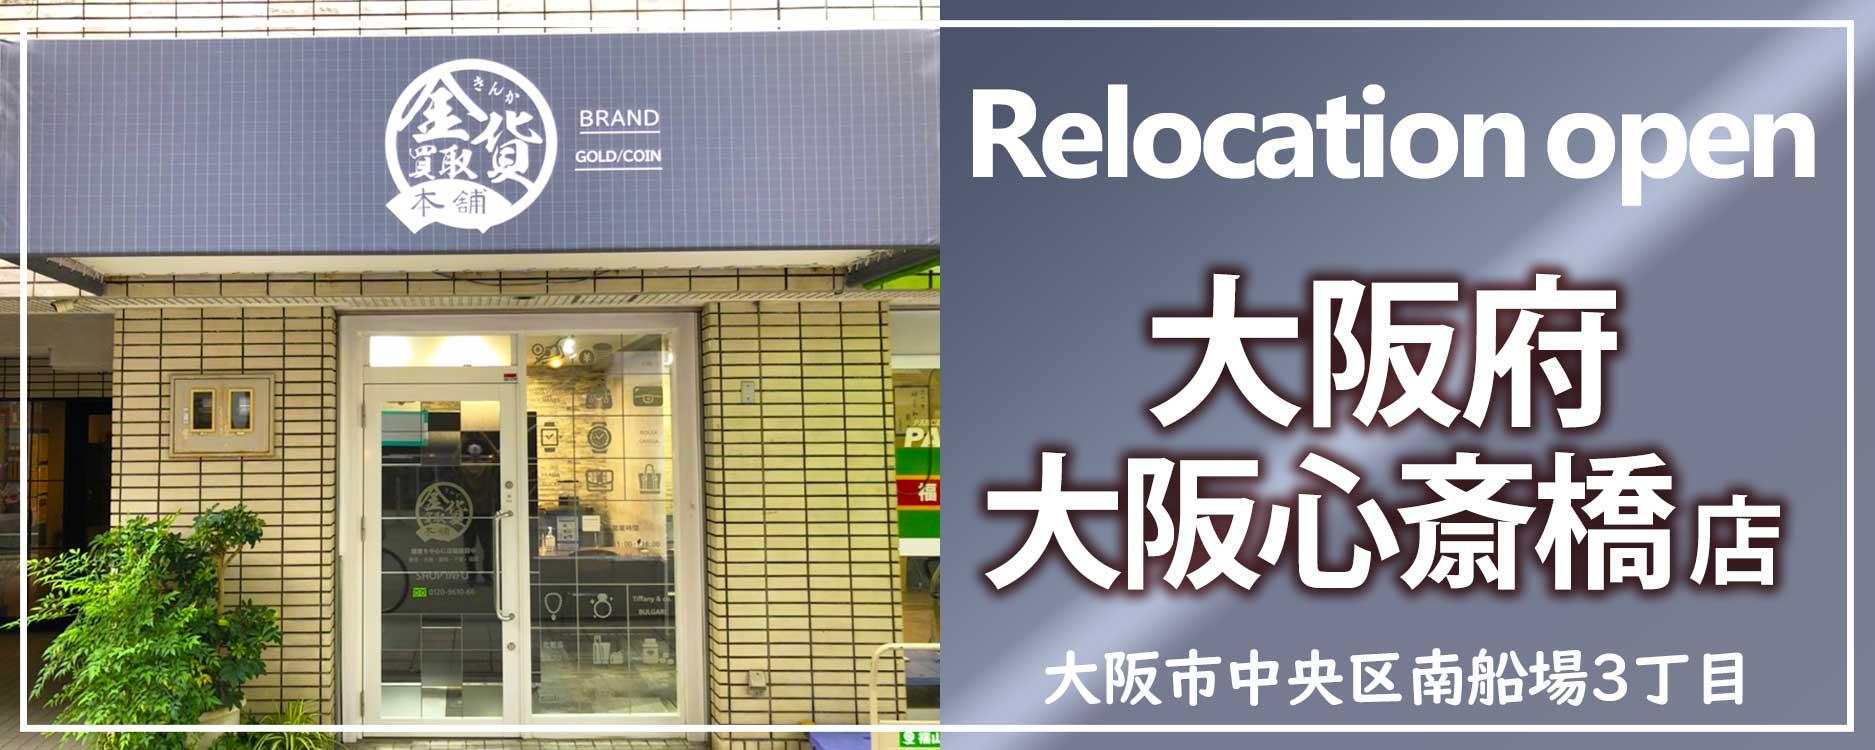 心斎橋大阪店移転オープン